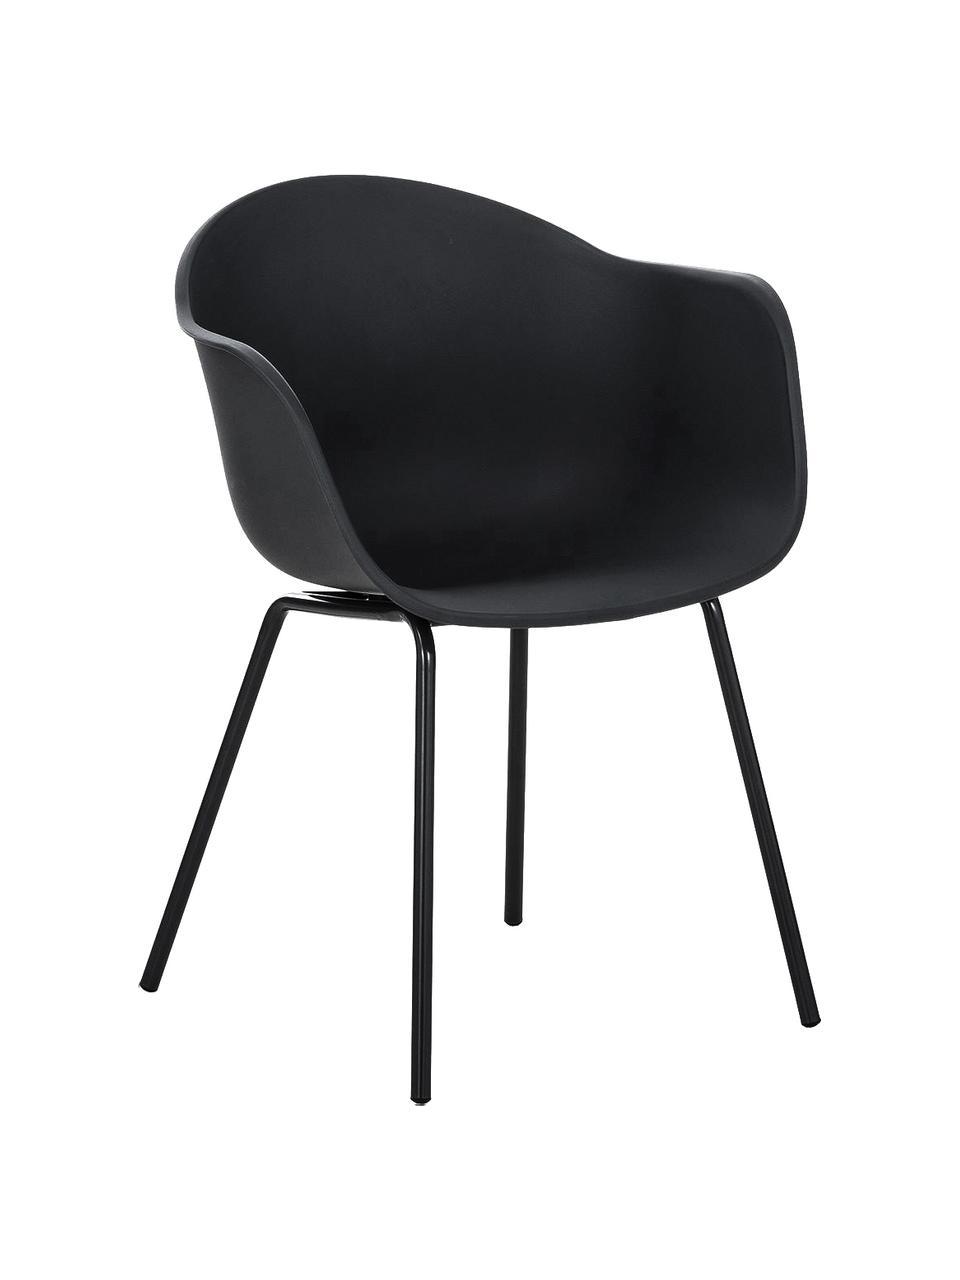 Fauteuil design Claire, Plastique noir